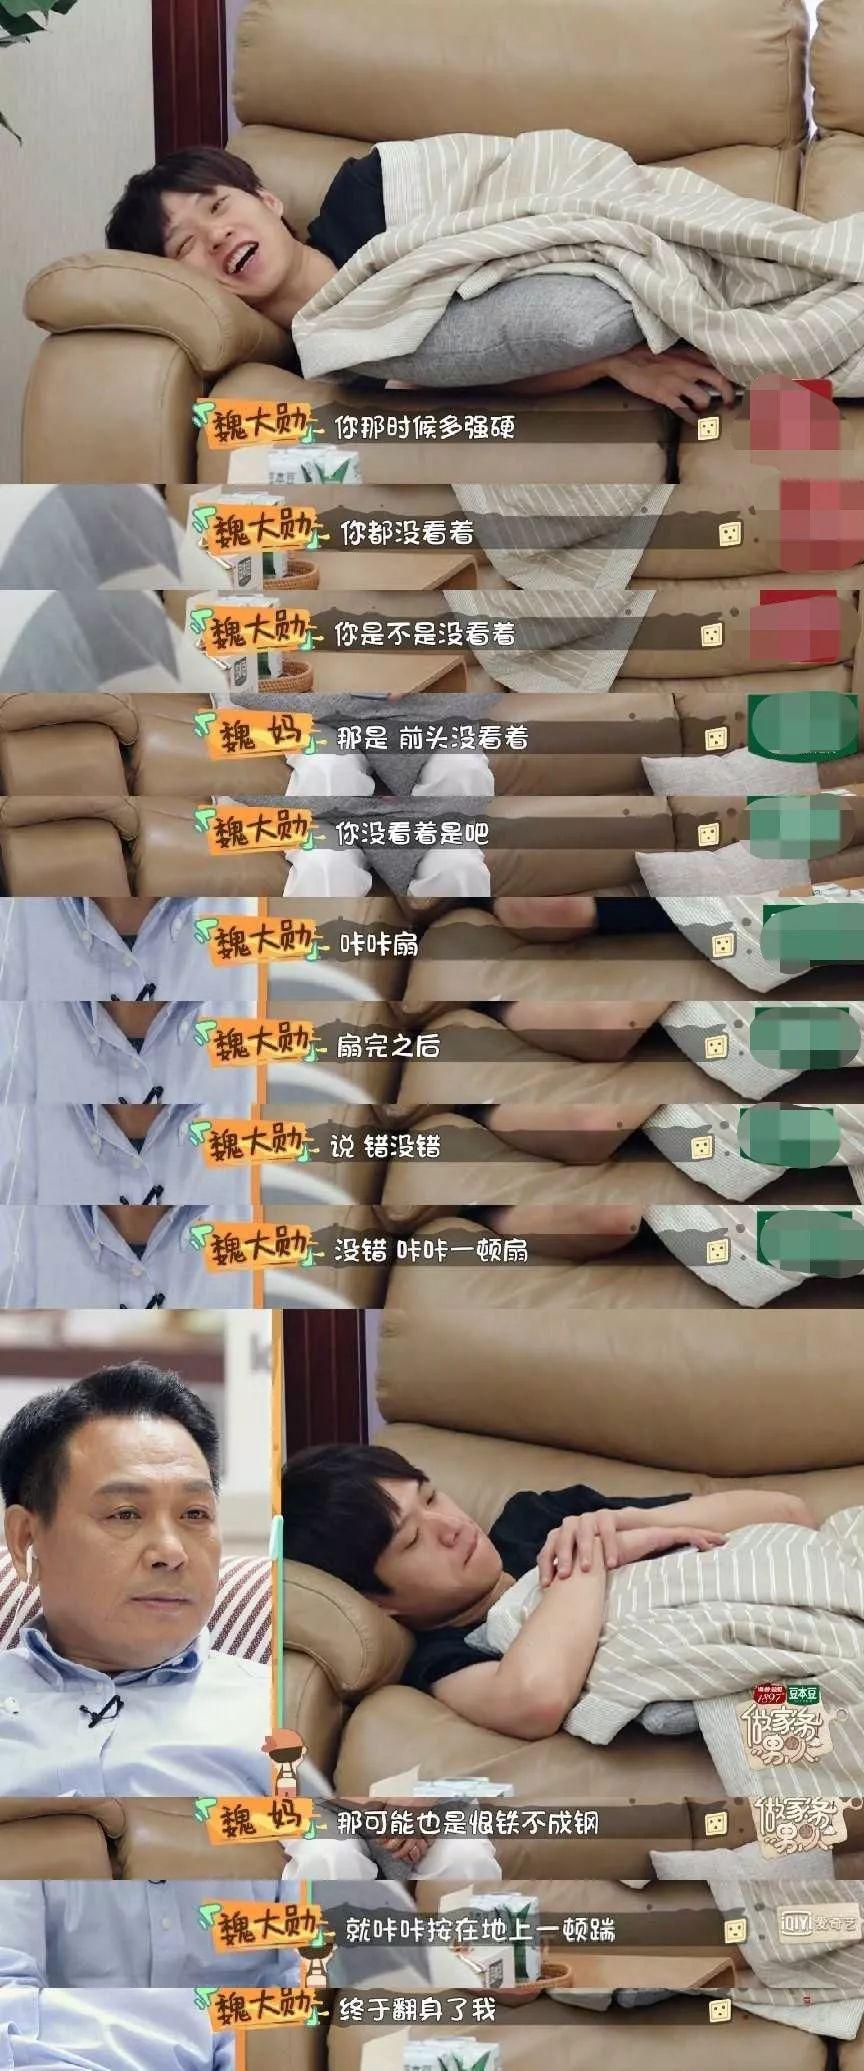 不认错咔咔扇!魏大勋曝童年被爸爸狠打网友:太真实了感同身受!